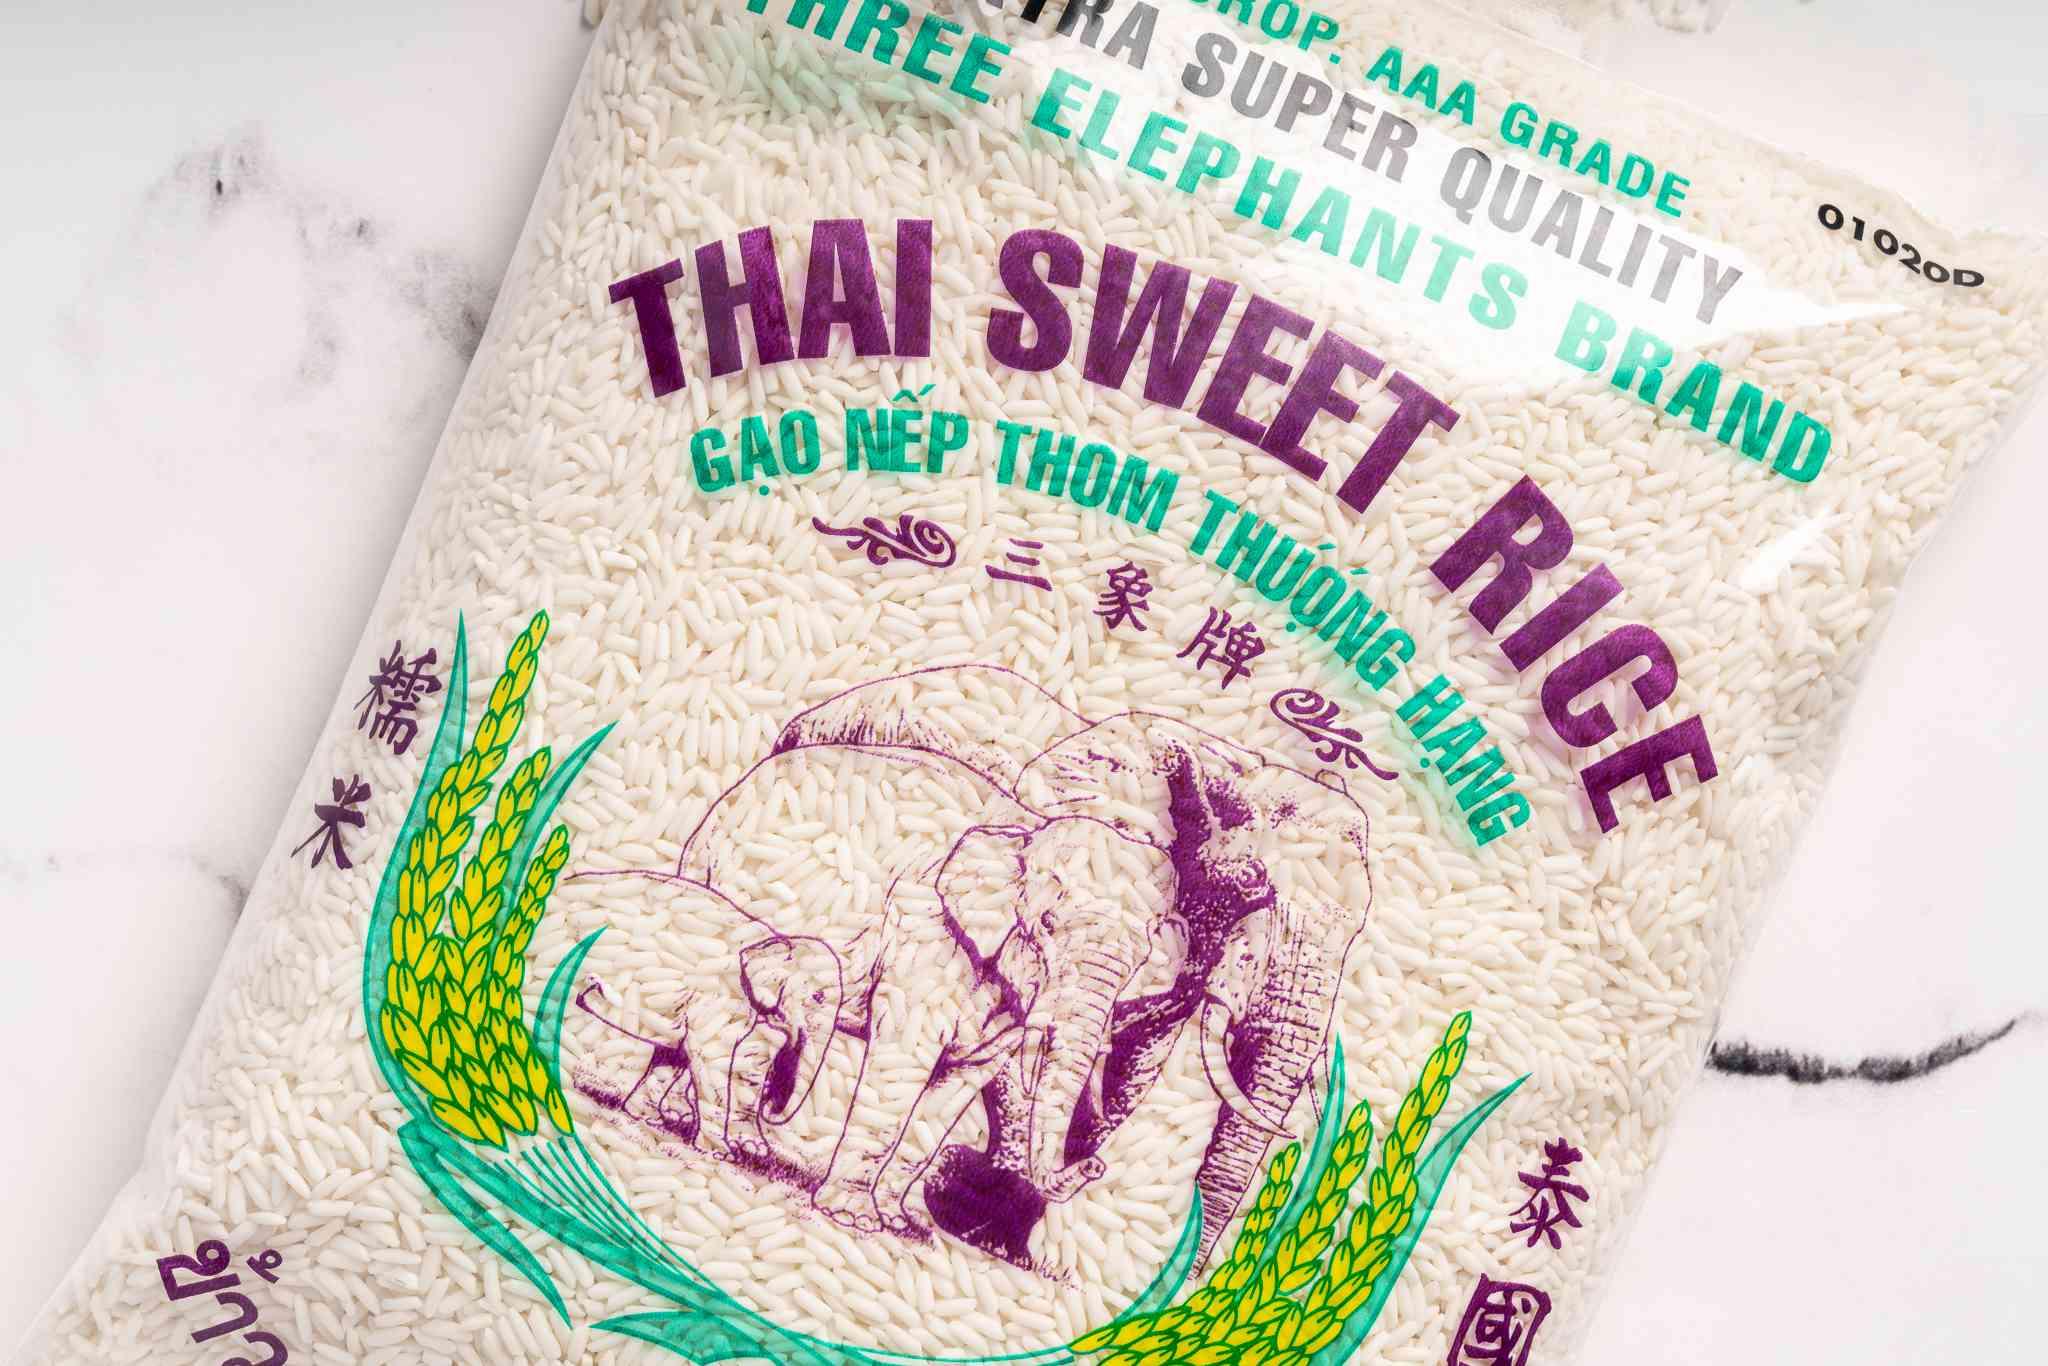 bag of Thai sweet rice